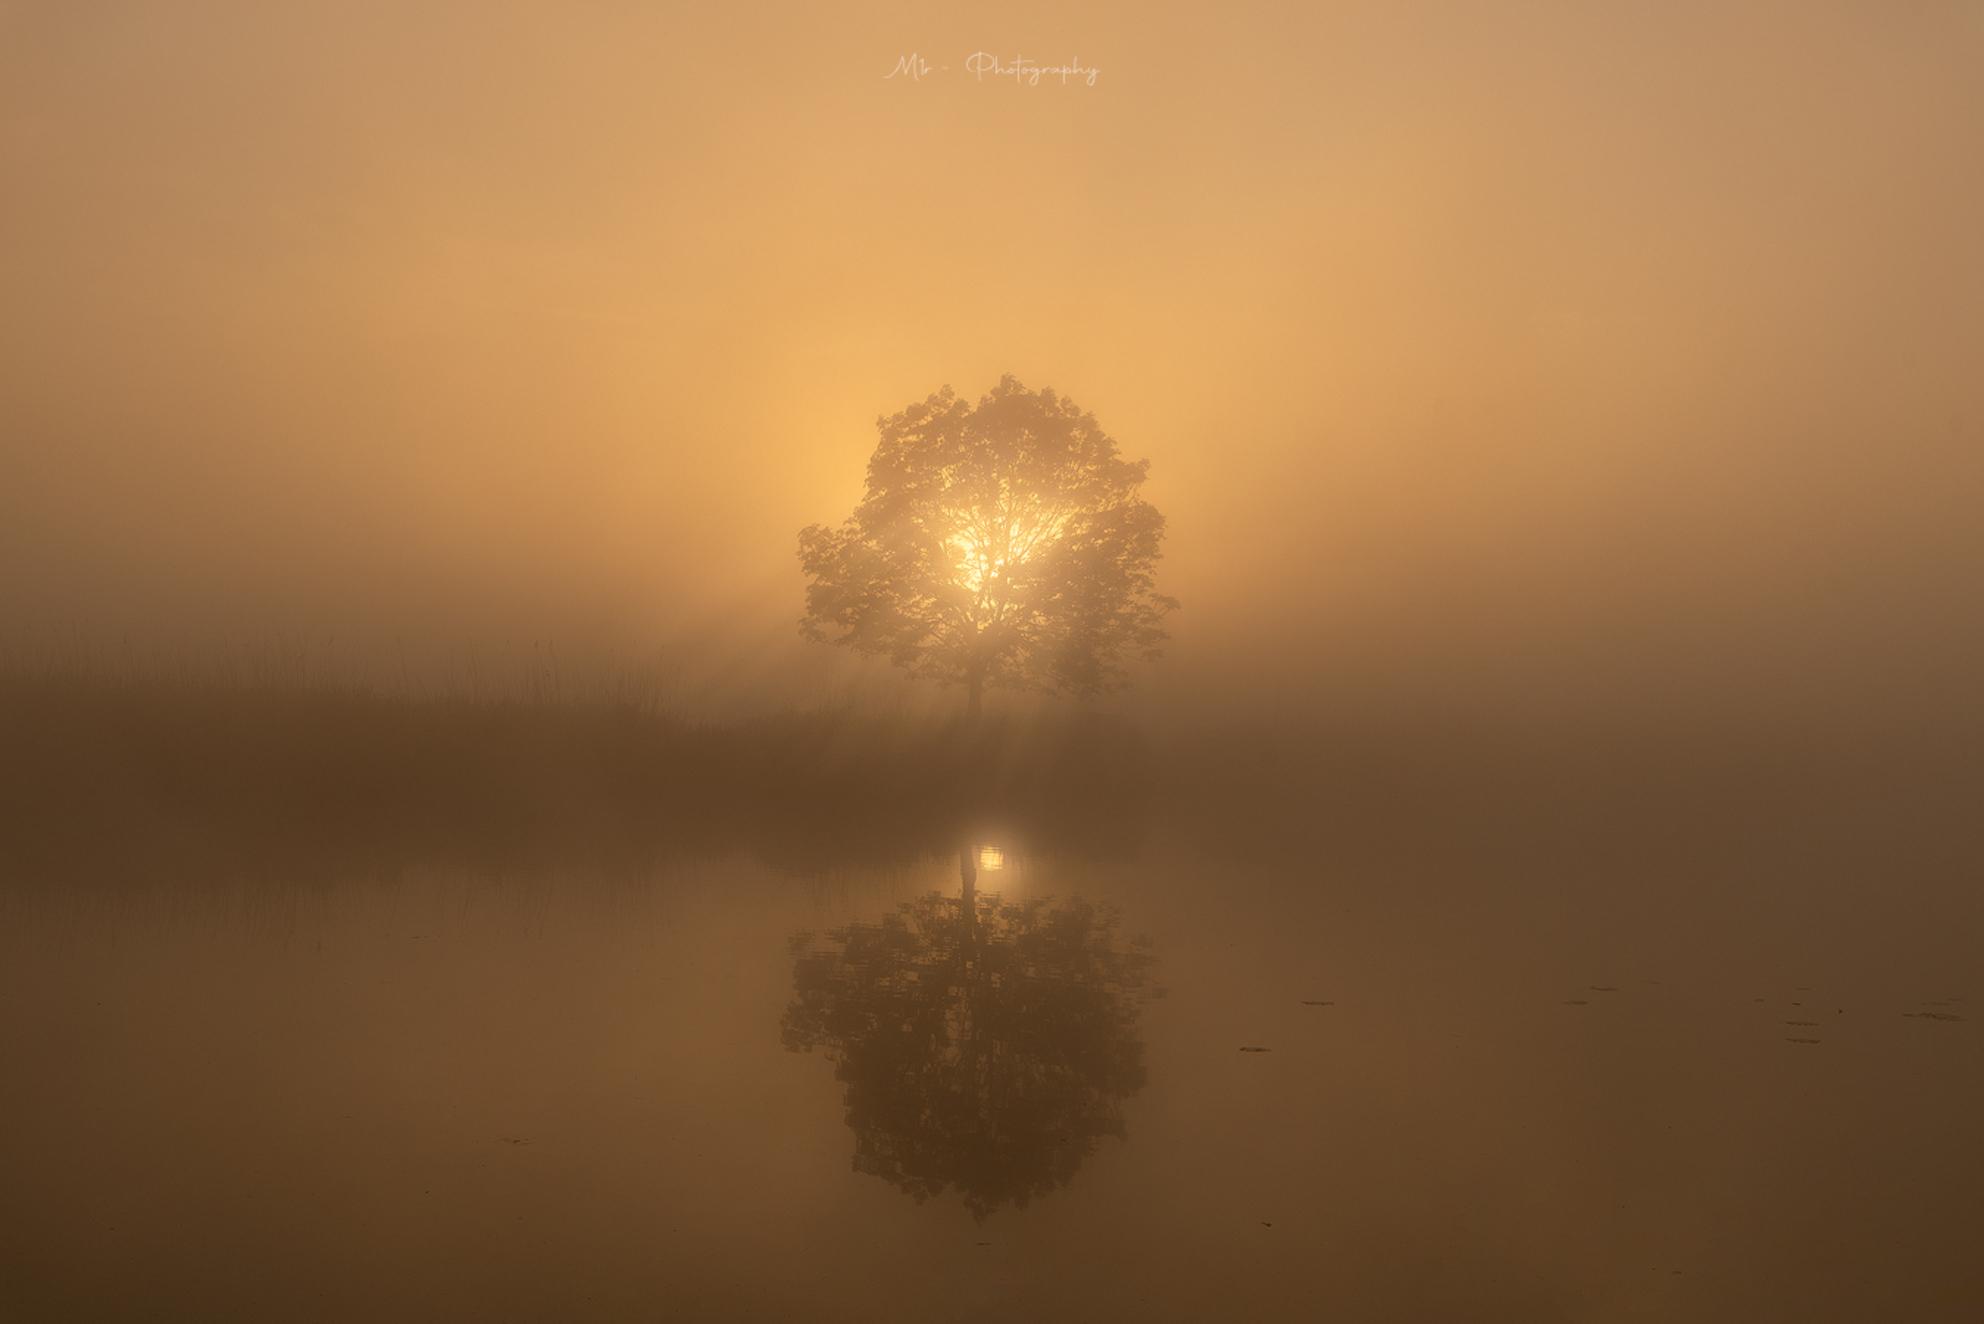 Surrounded by Gold - Een magisch moment bij zonsopkomst. - foto door m1rphotography op 08-04-2021 - deze foto bevat: landschap, licht, lucht, zonsopkomst, reflectie, lente, tegenlicht, meer, polder, water, lucht, natuurlijk landschap, mist, astronomisch object, horizon, boom, zonsopkomst, zon, landschap